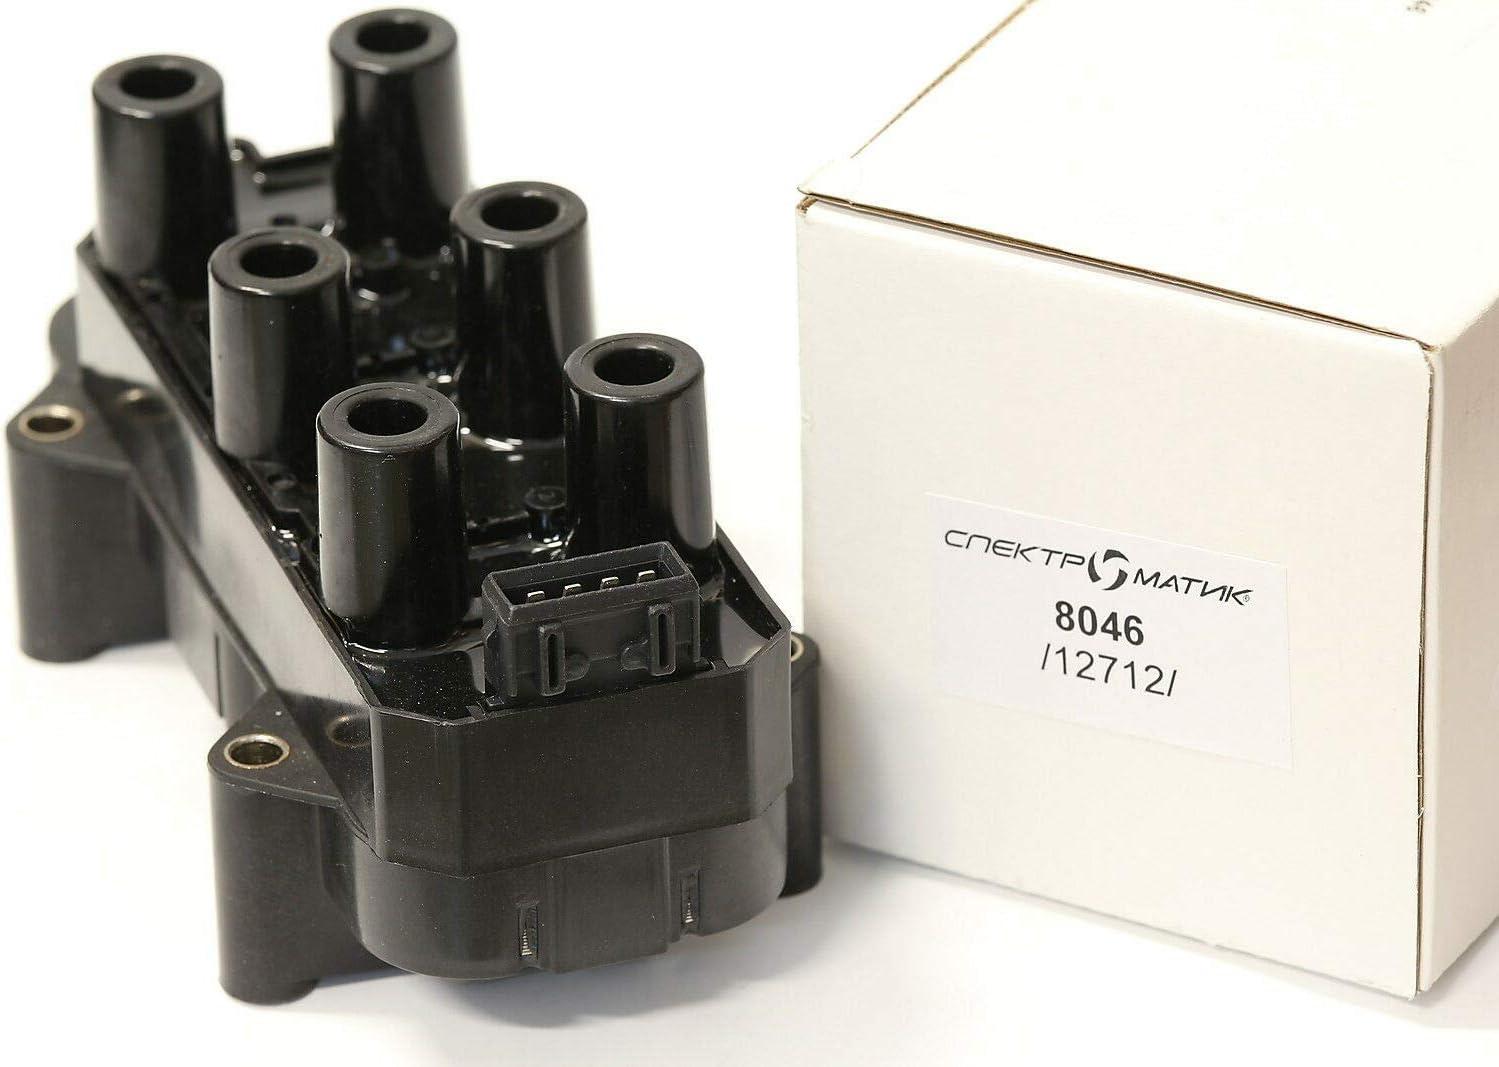 Spectromatic Zündspule 8046 1208007 90452255 90511450 Opel Omega Vectra X25xe X30xe Auto